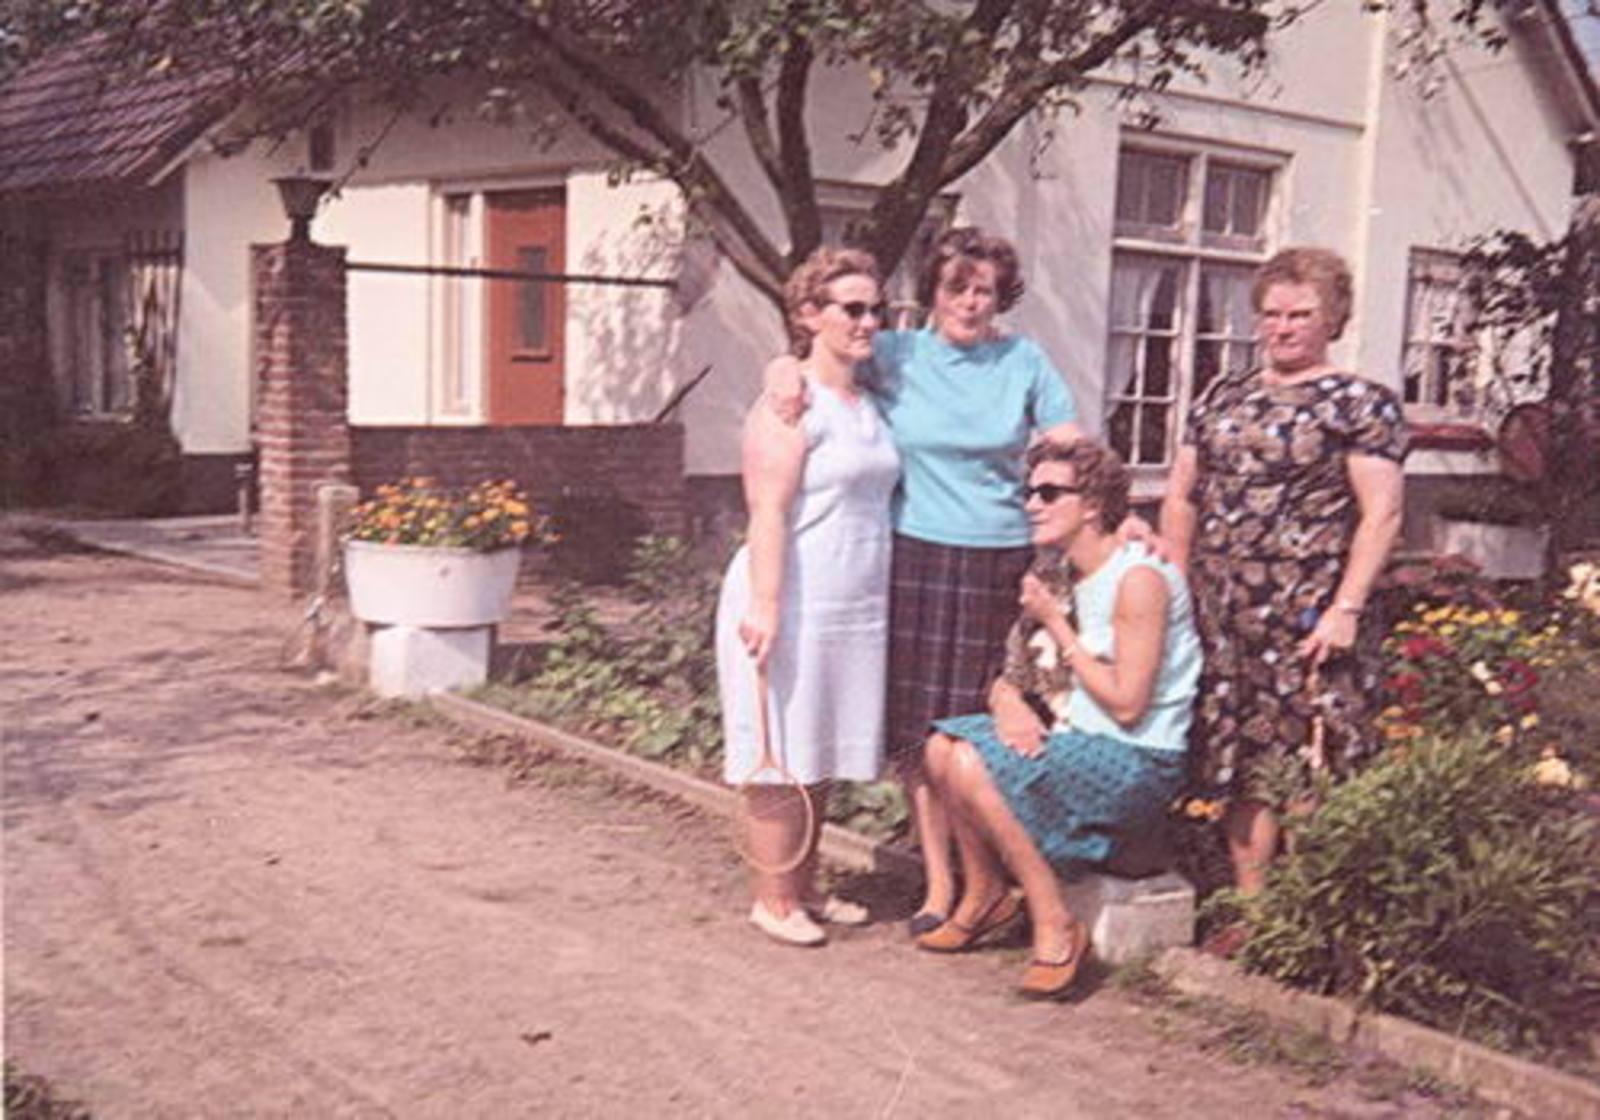 Imanse - Bliek Leentje 1920 1967 10 met Kaartclub de Jokervrouwen in Putten 02